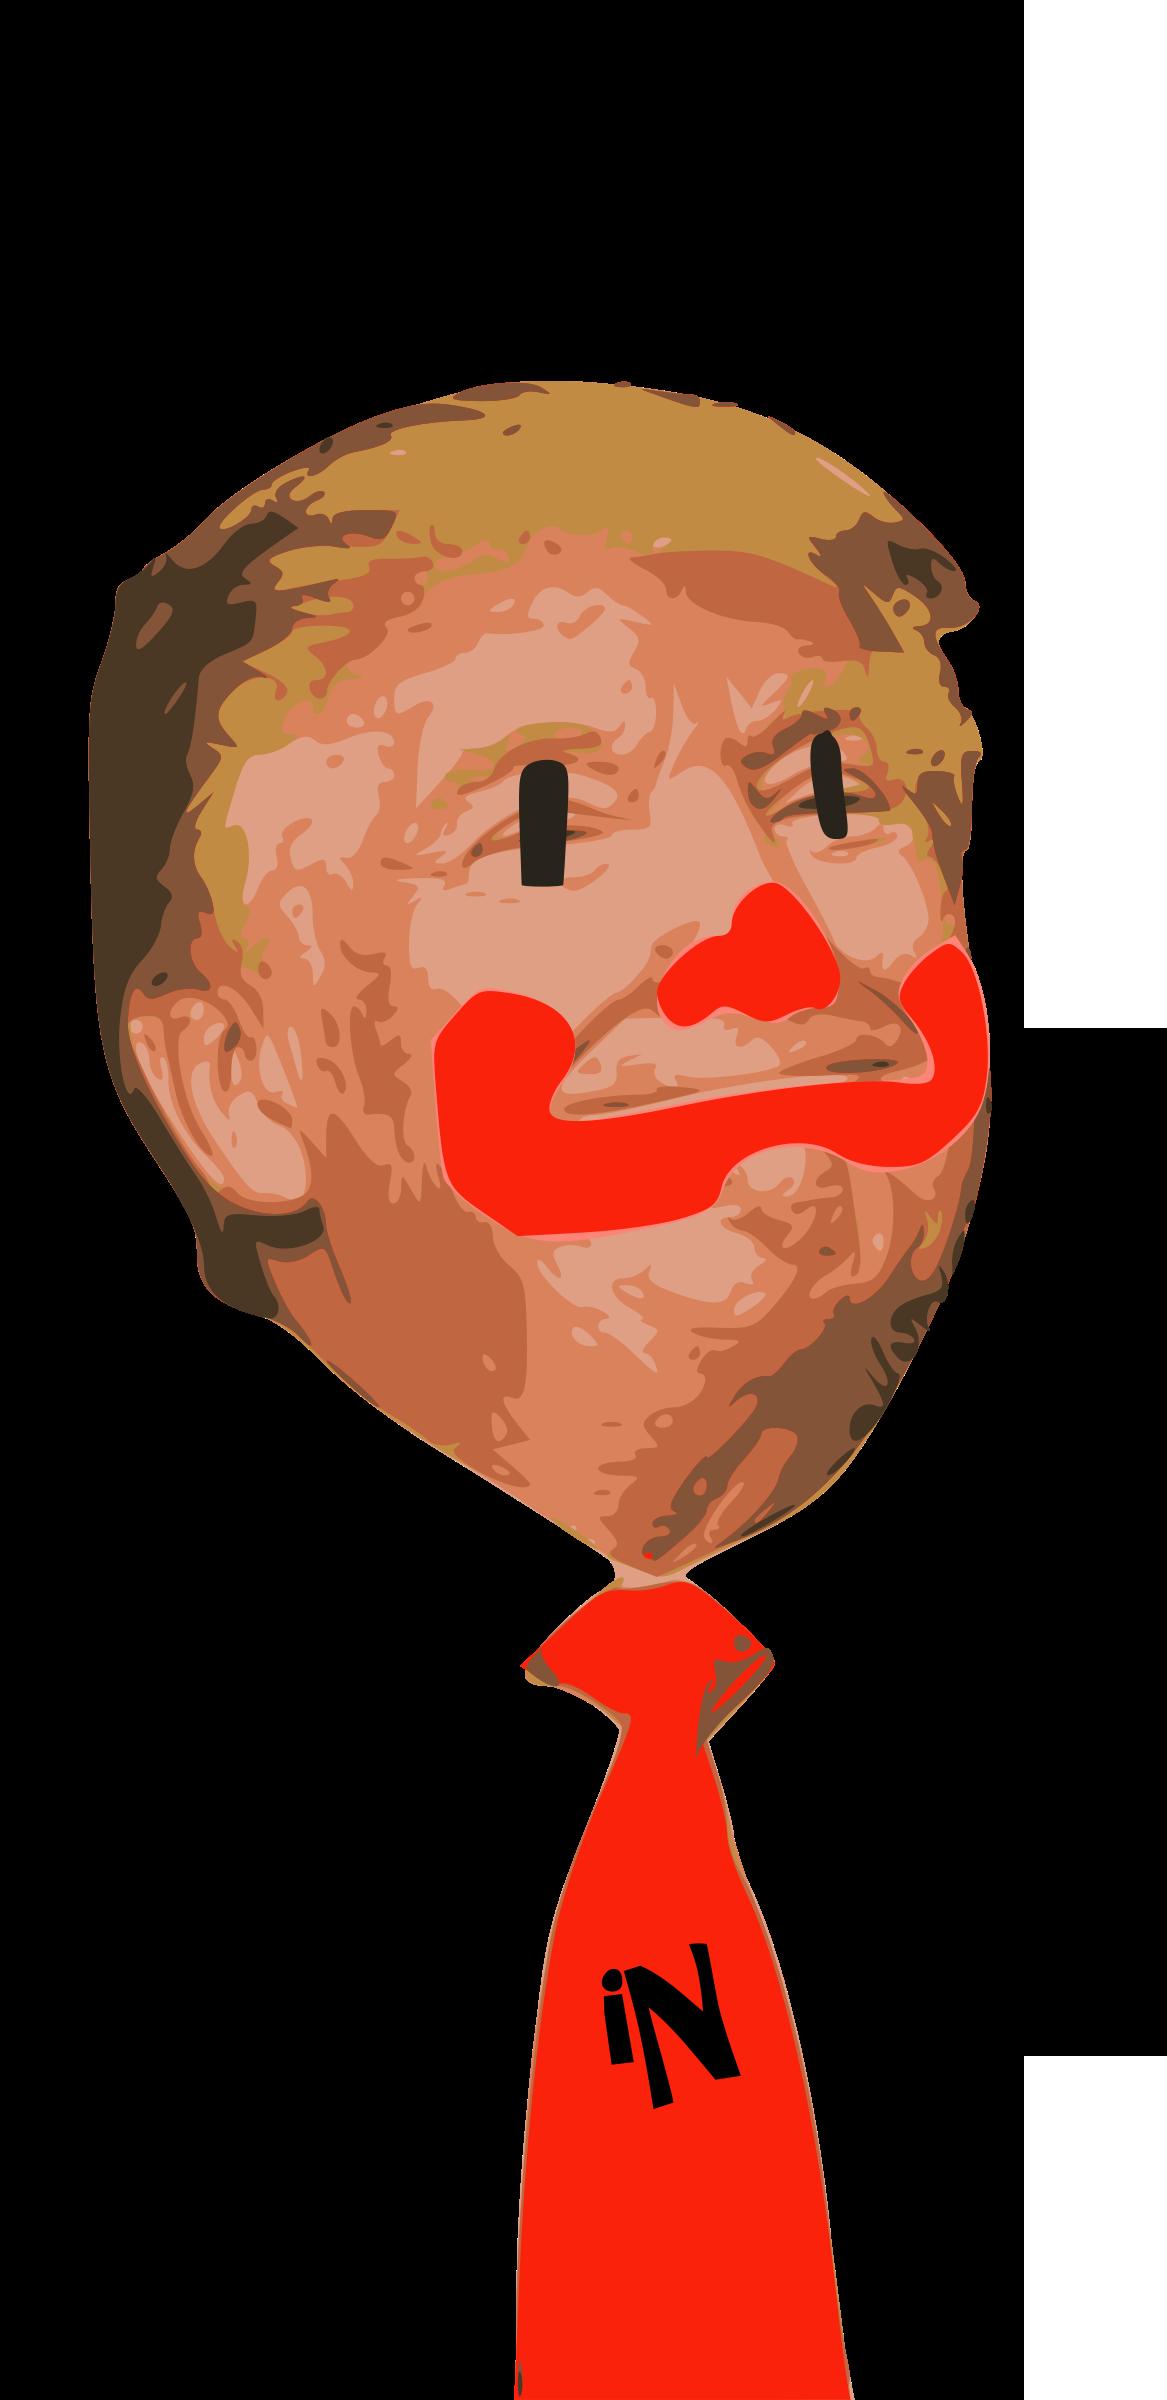 Ttrump university clipart clipart freeuse download Trump Clipart | Free download best Trump Clipart on ... clipart freeuse download